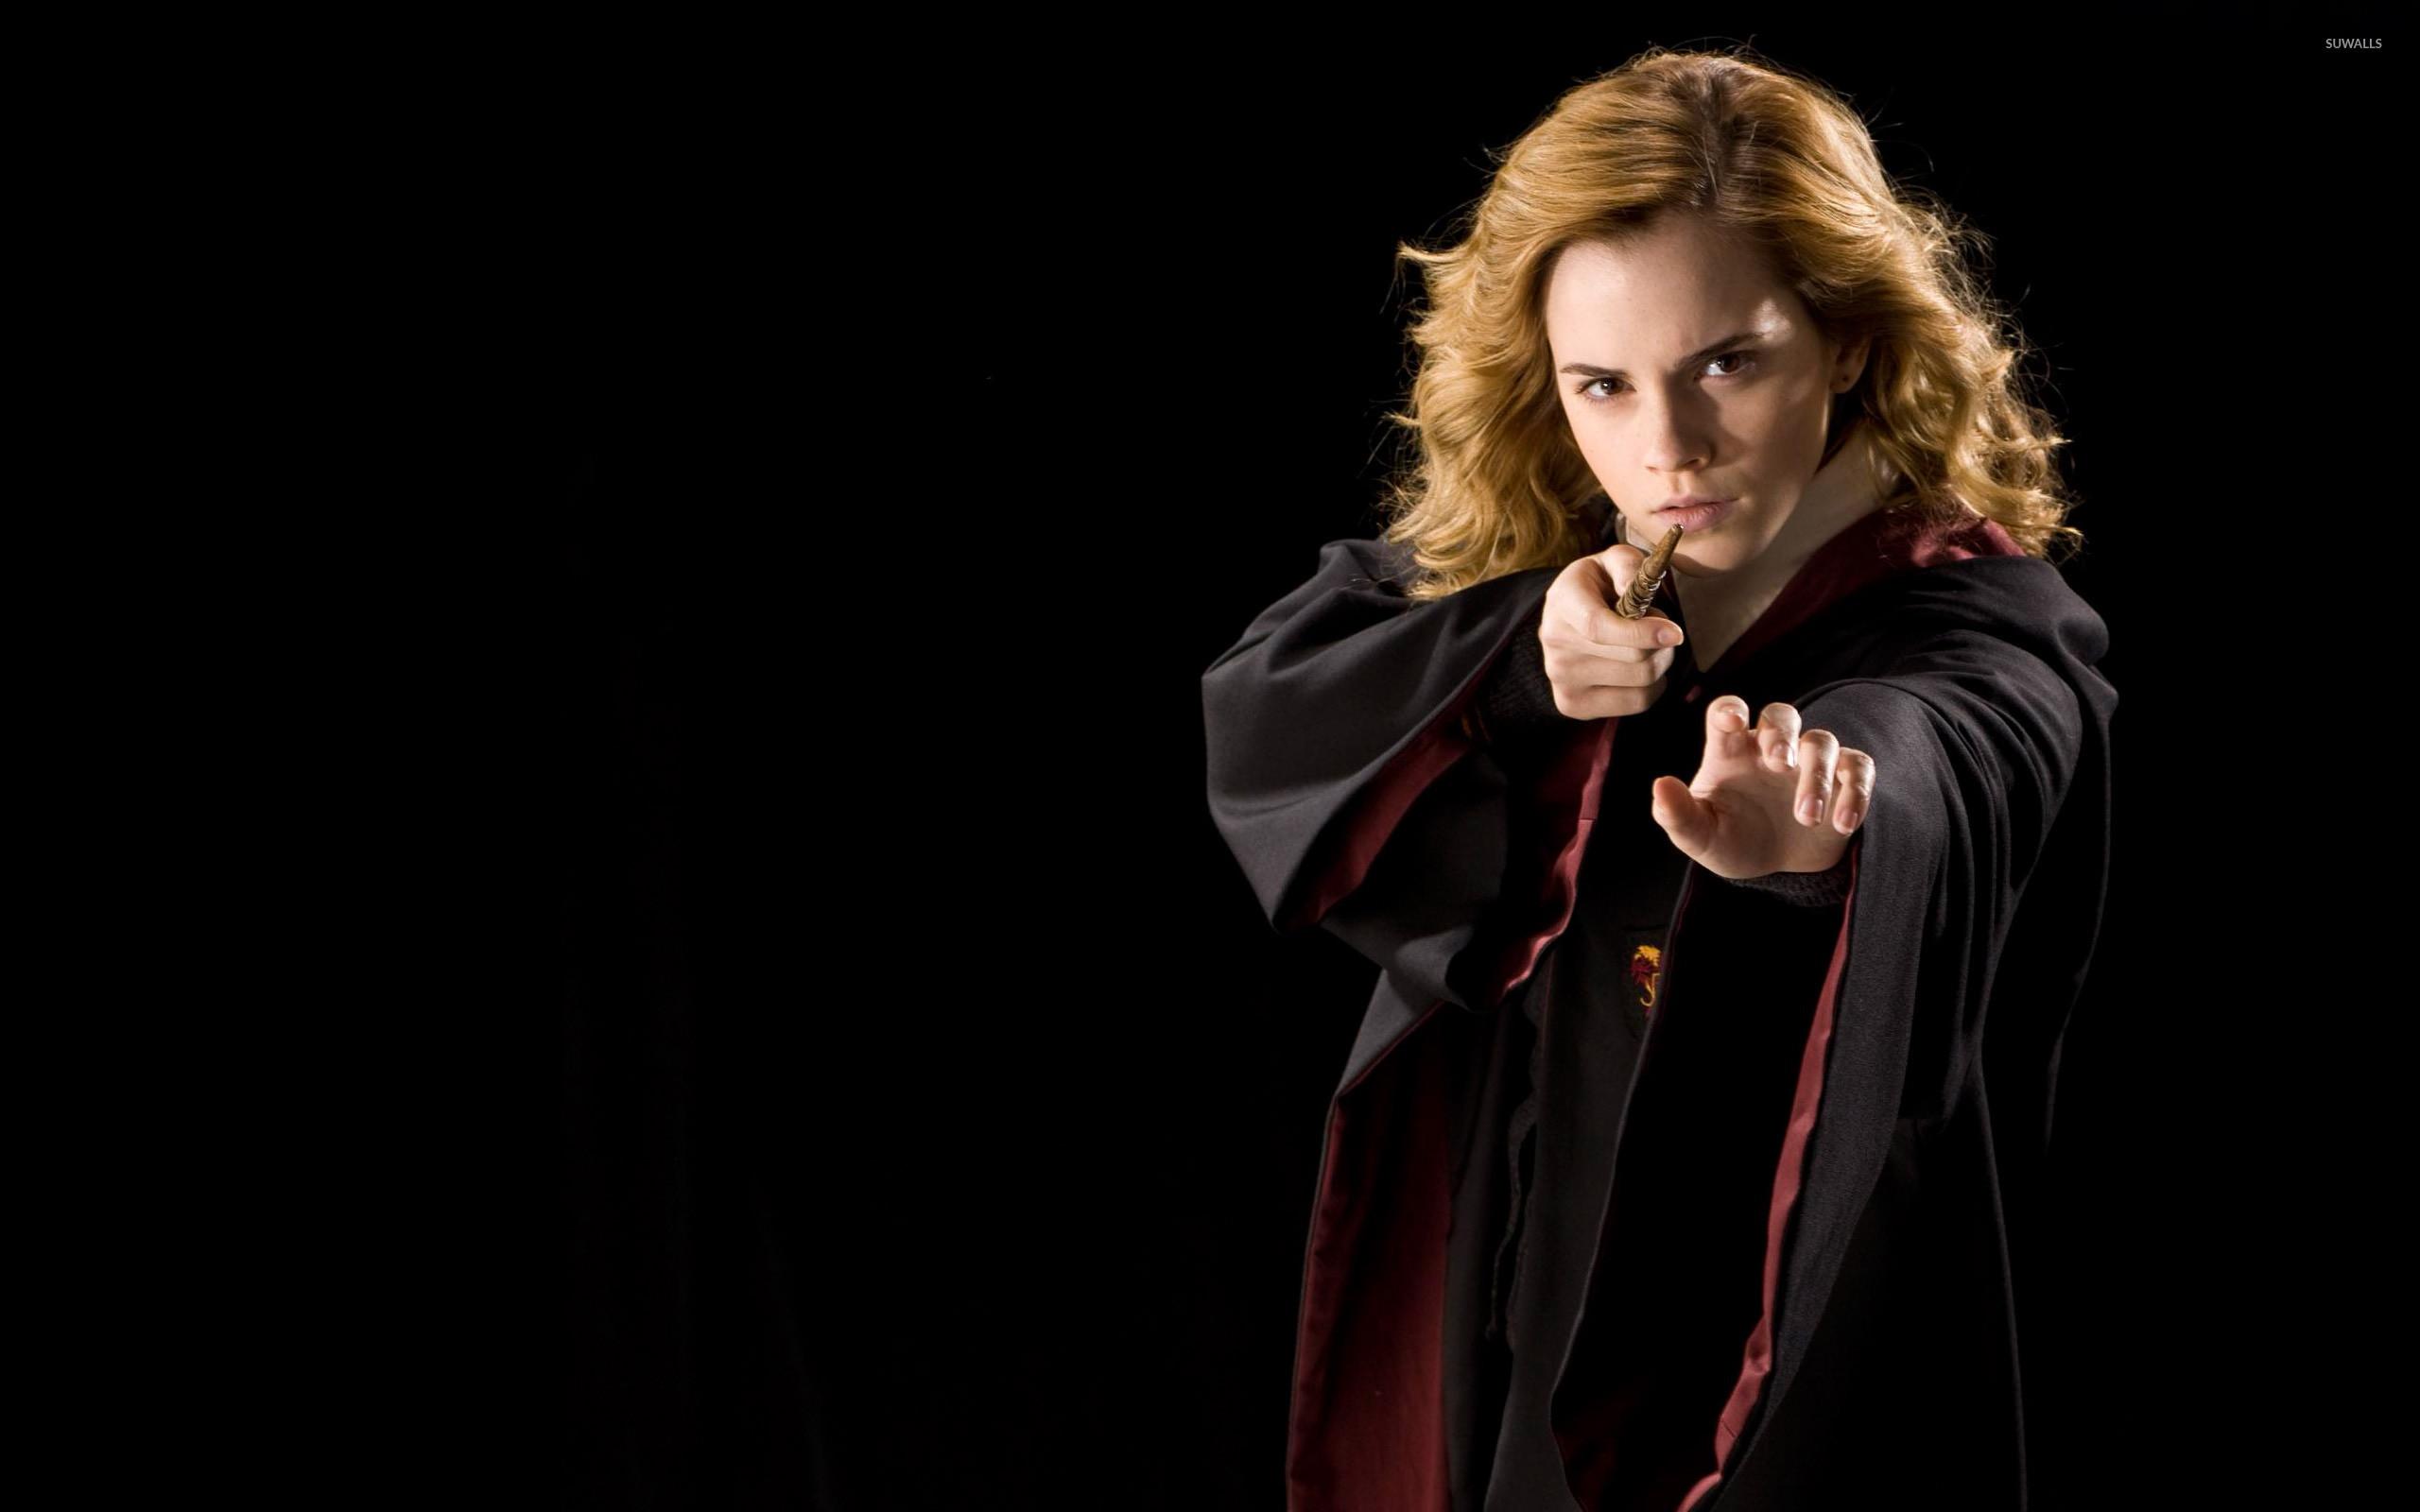 Hermione Granger – Harry Potter [2] wallpaper jpg